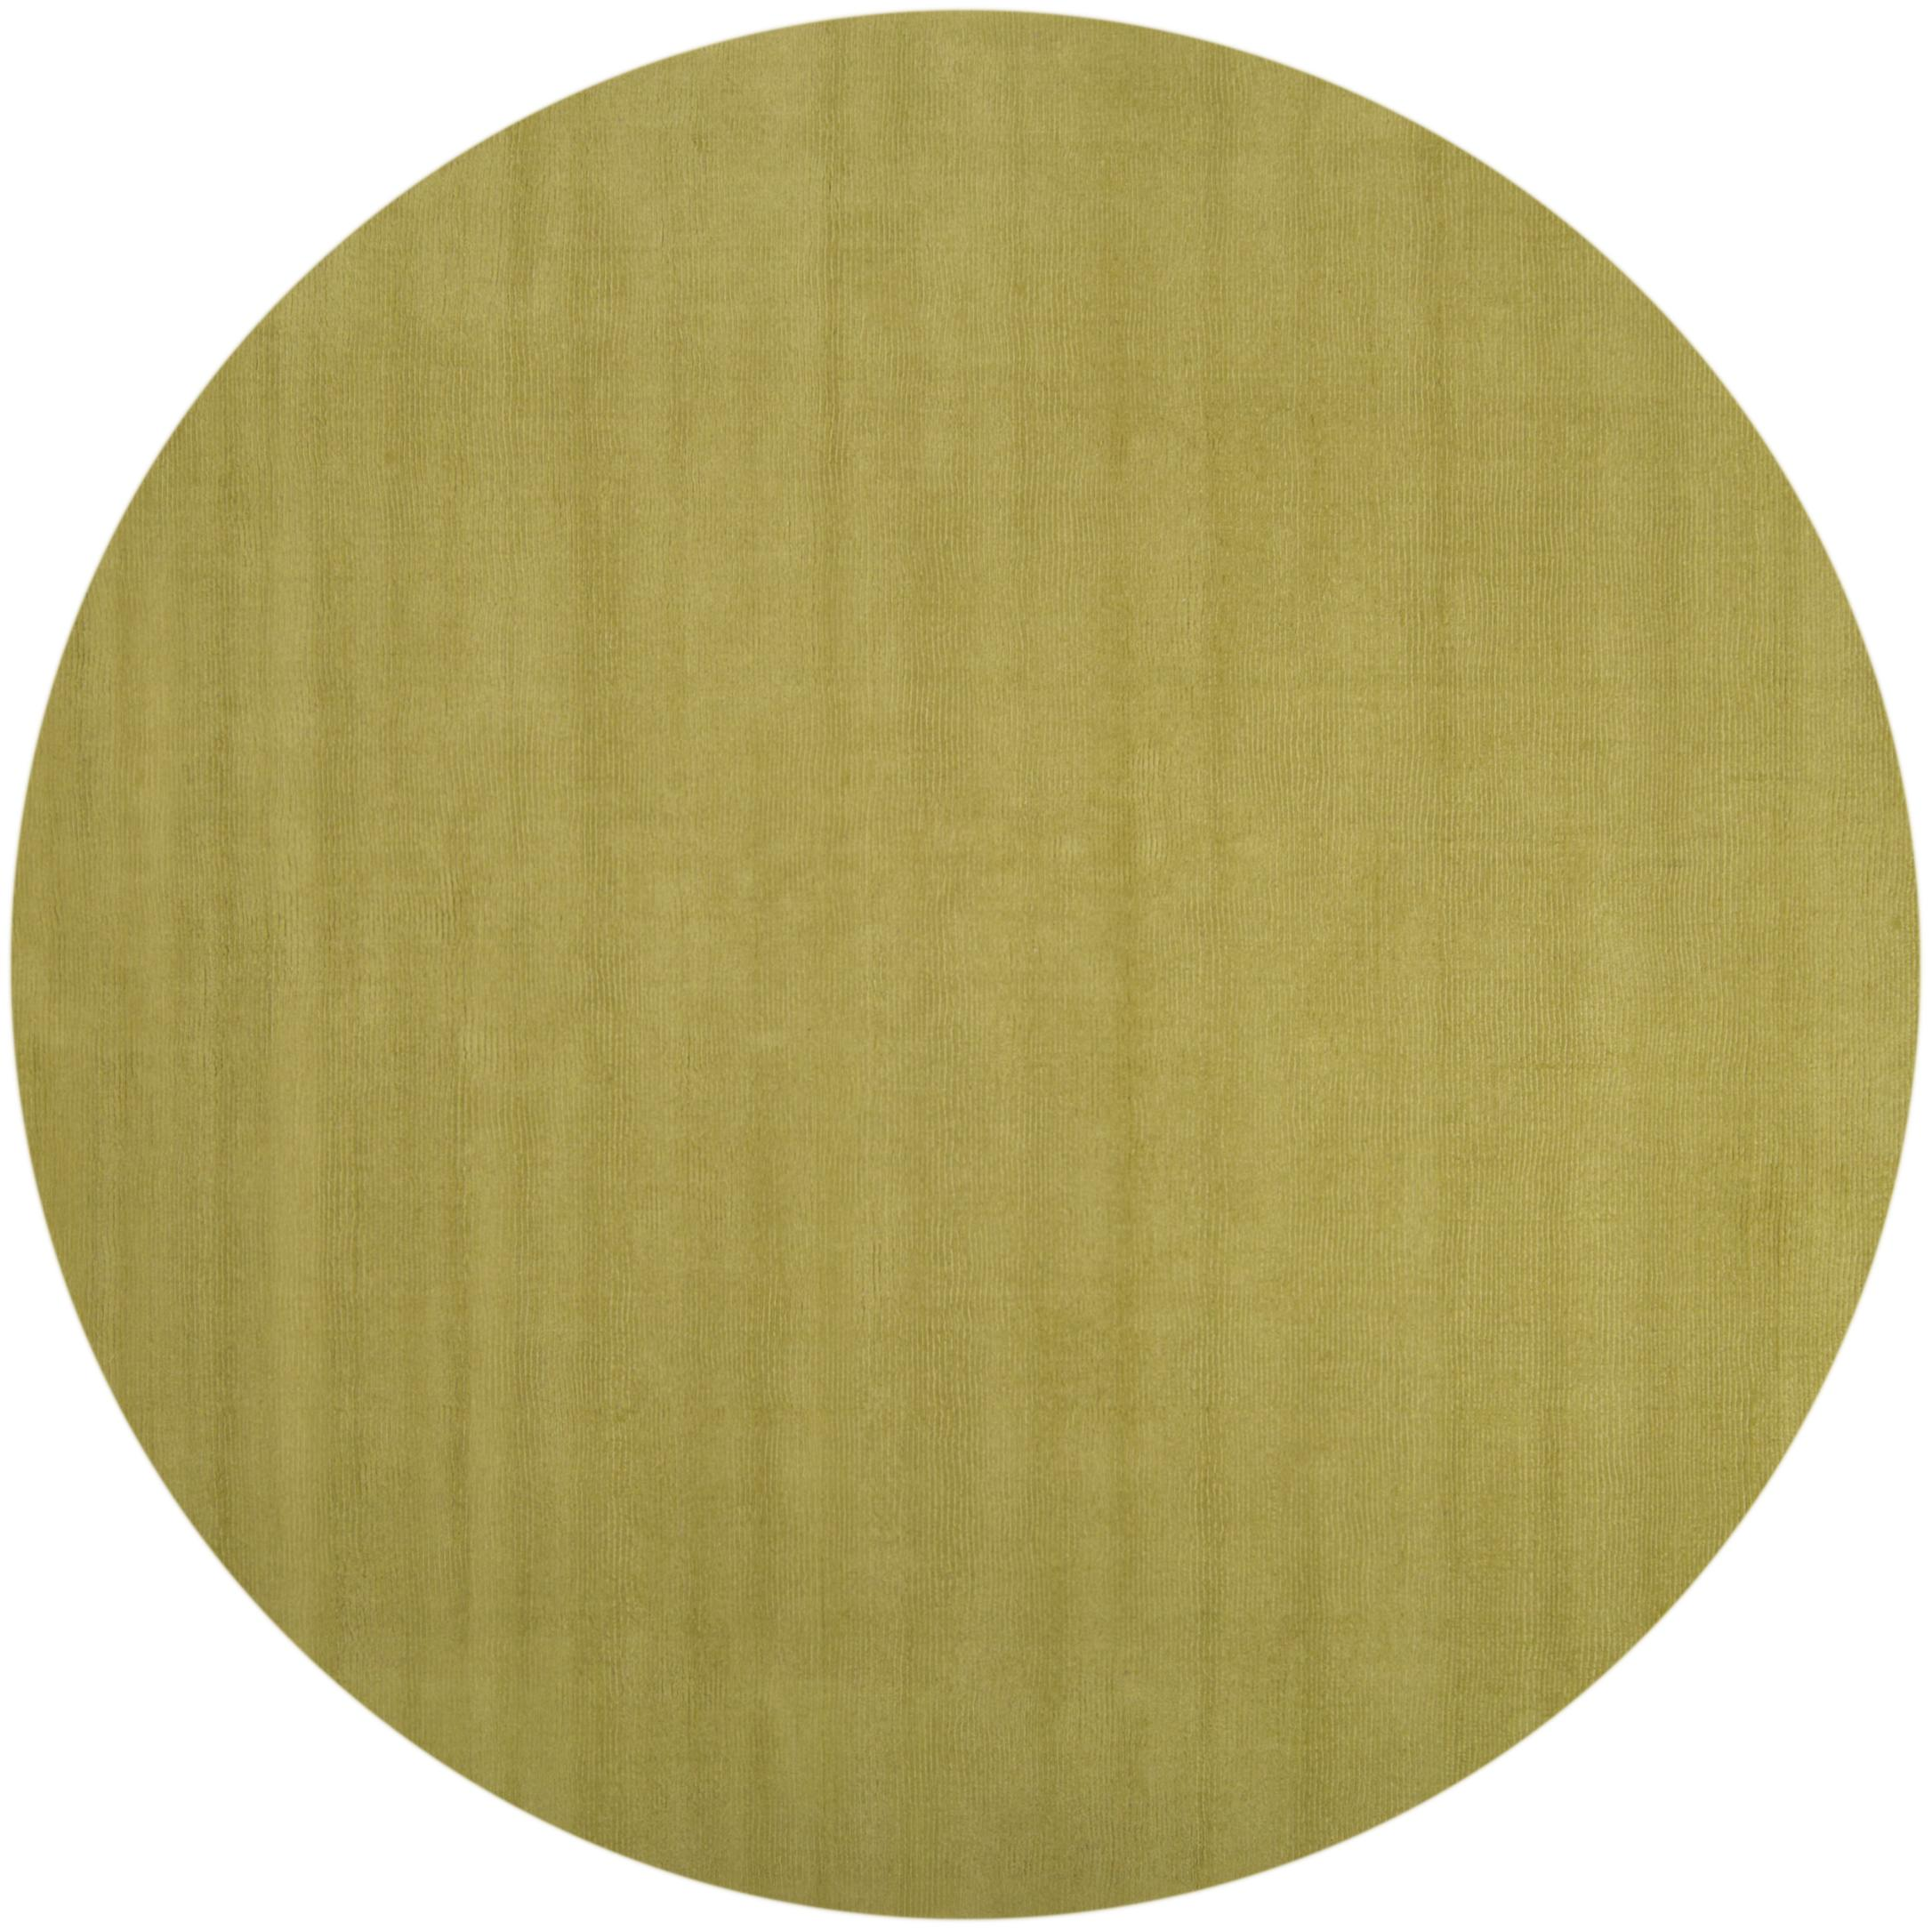 Surya Mystique 8' Round - Item Number: M337-8RD